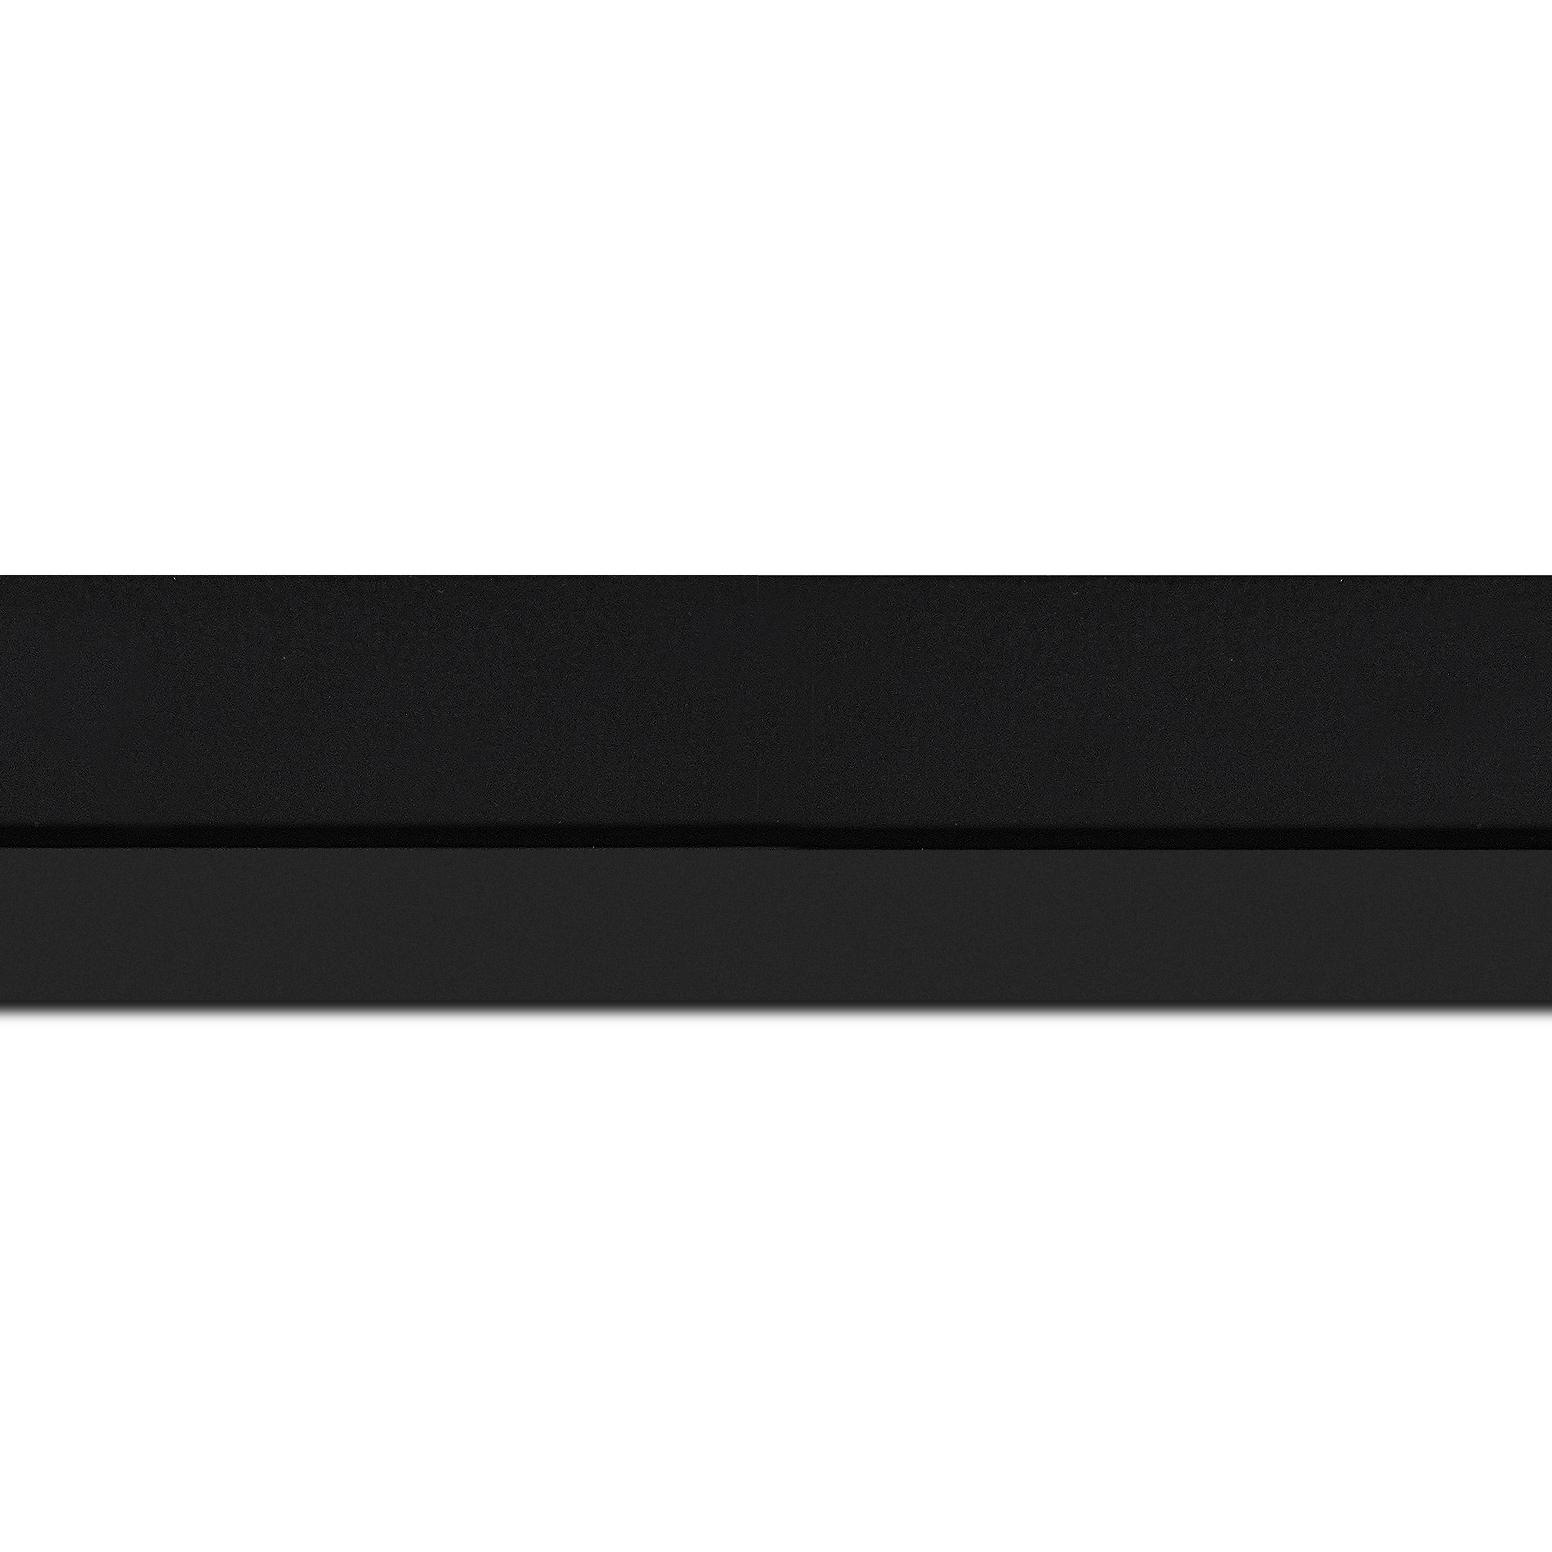 Baguette longueur 1.40m bois profil plat largeur 4.5cm couleur noir mat nez noir finition pore bouché